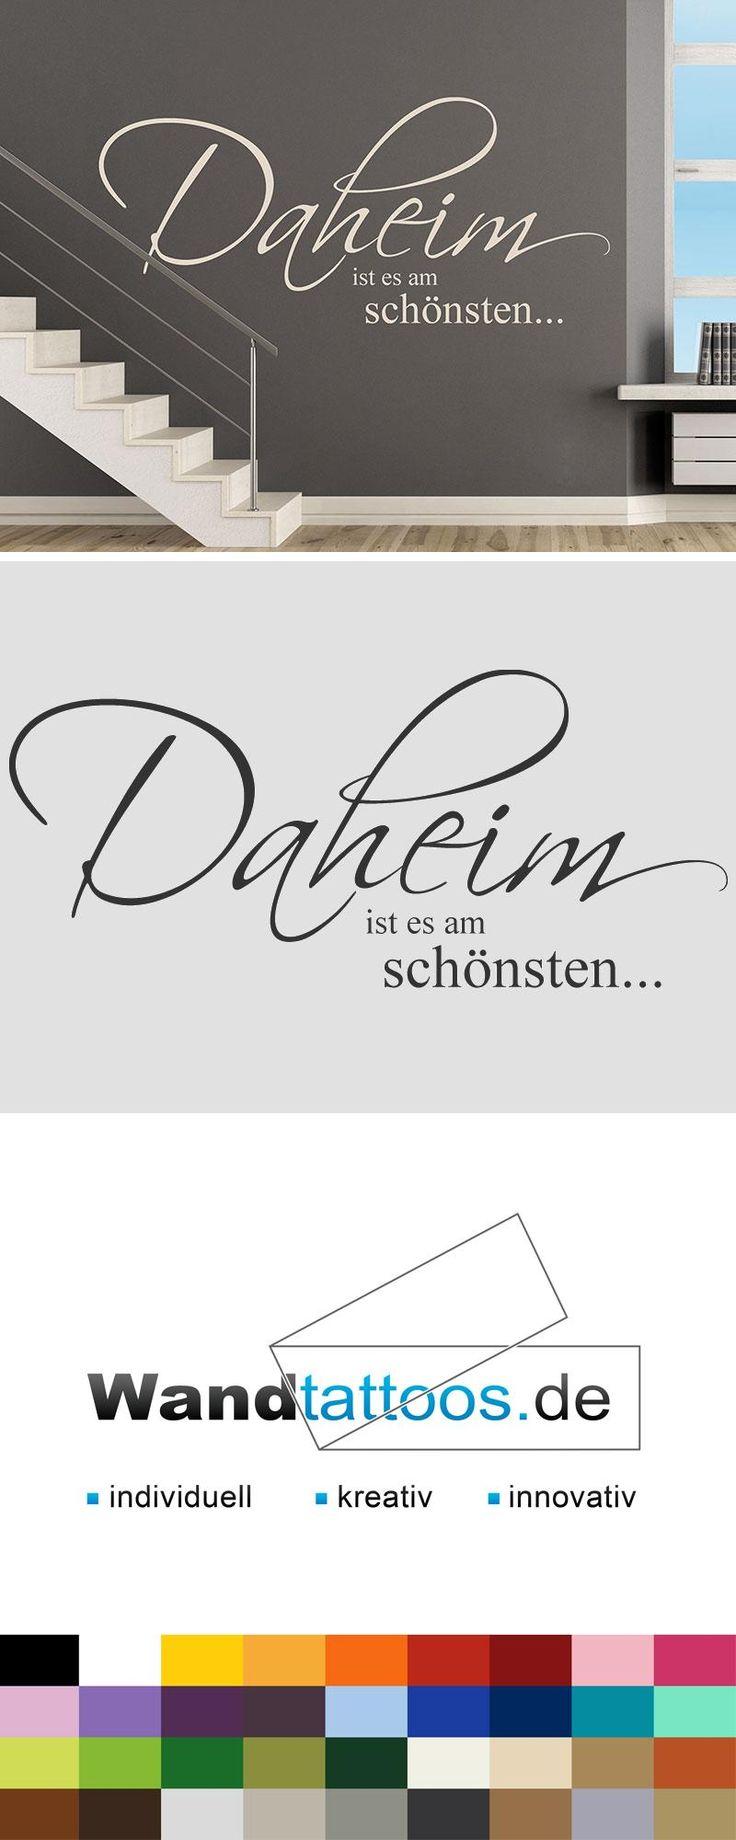 Wandtattoo Daheim ist es am schönsten... als Idee zur individuellen Wandgestaltung. Einfach Lieblingsfarbe und Größe auswählen. Weitere kreative Anregungen von Wandtattoos.de hier entdecken!